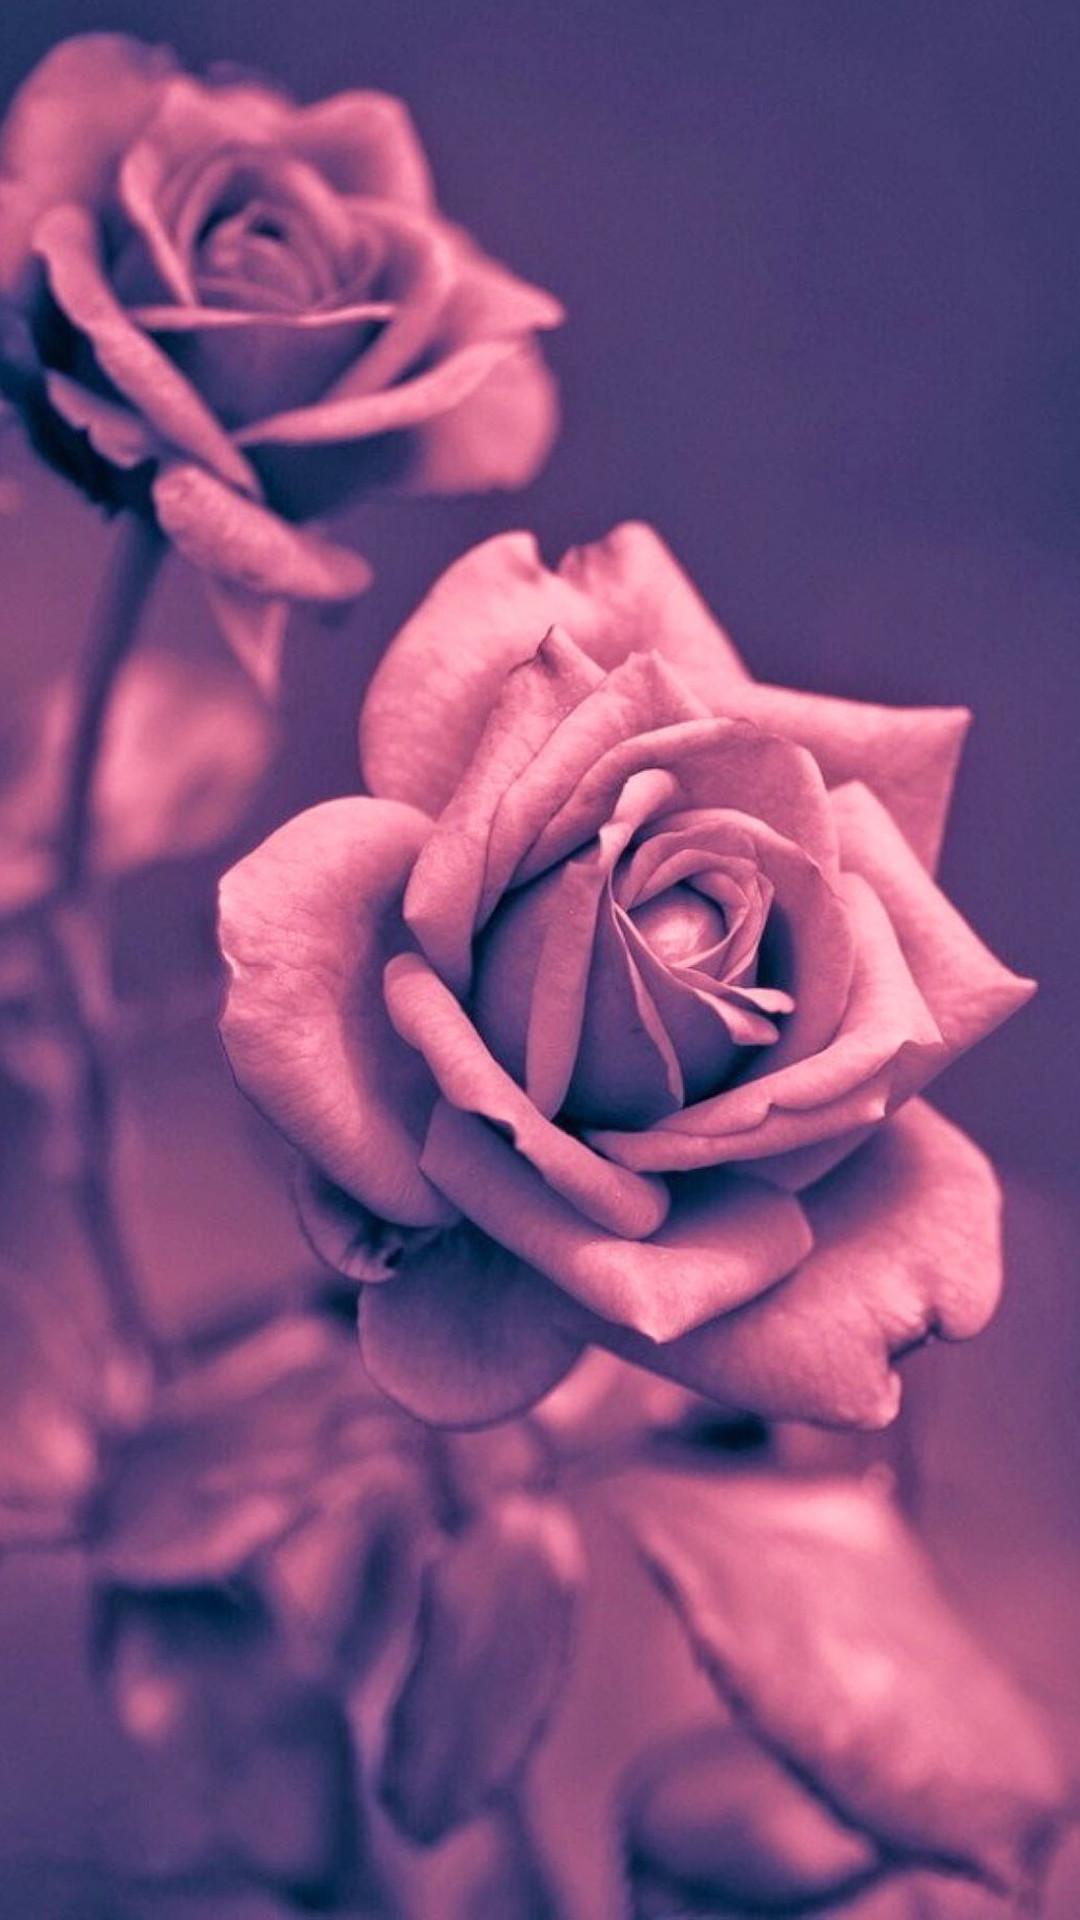 Roses screensaver wallpaper 45 images - Pink rose wallpaper iphone ...